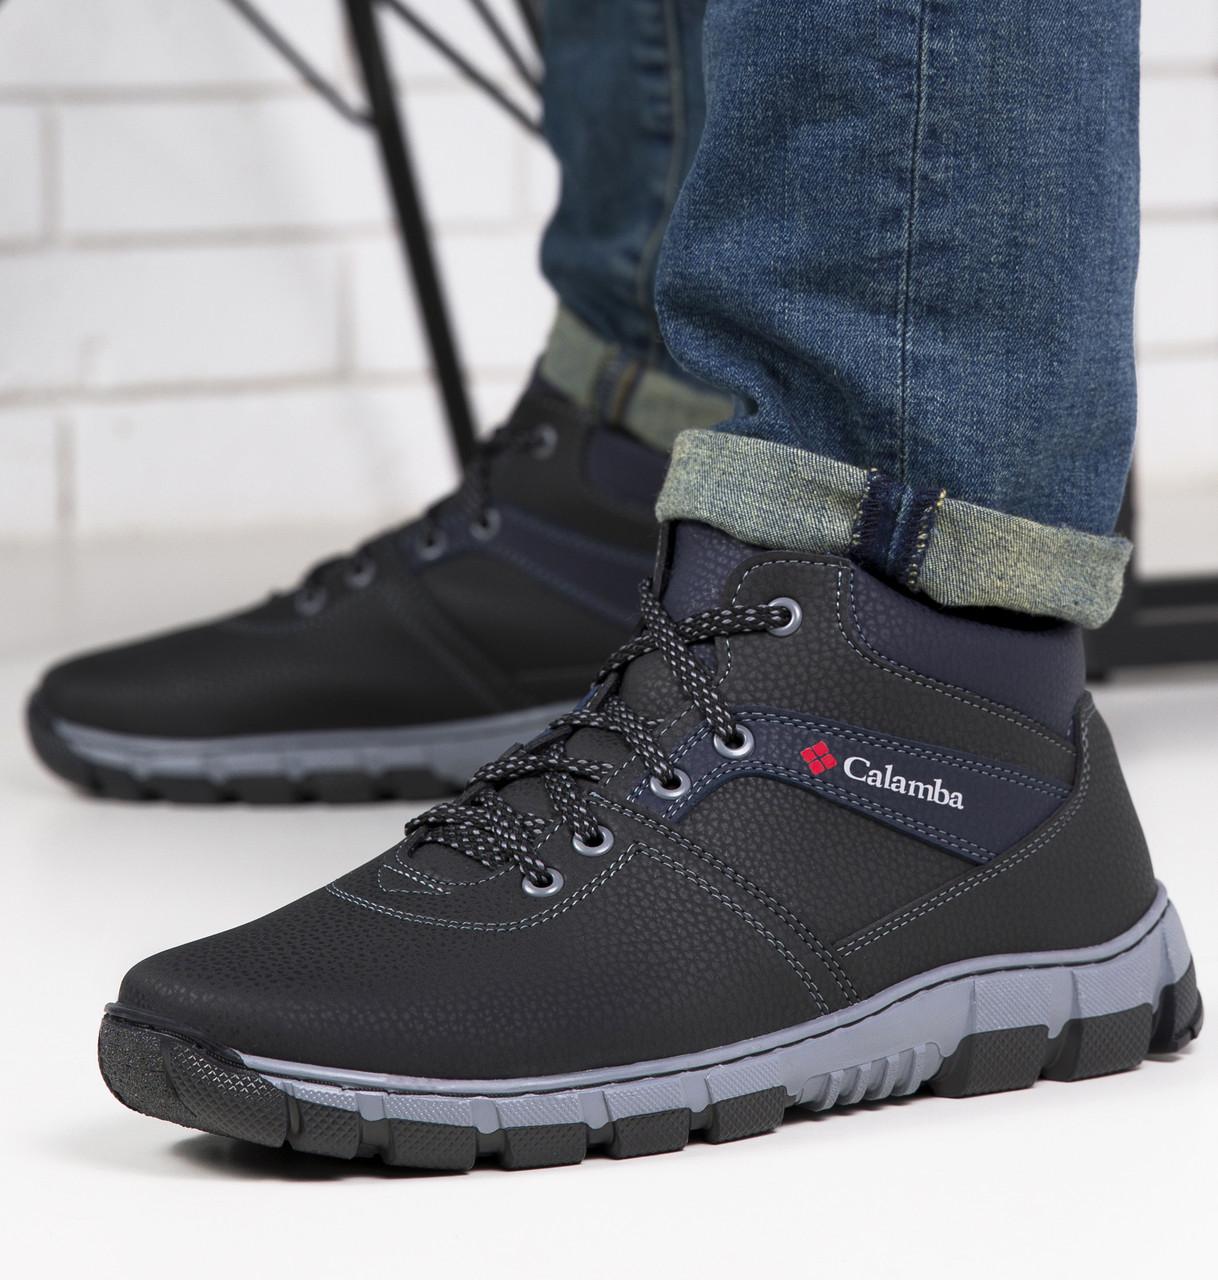 Ботинки мужские на шнуровке -20°C